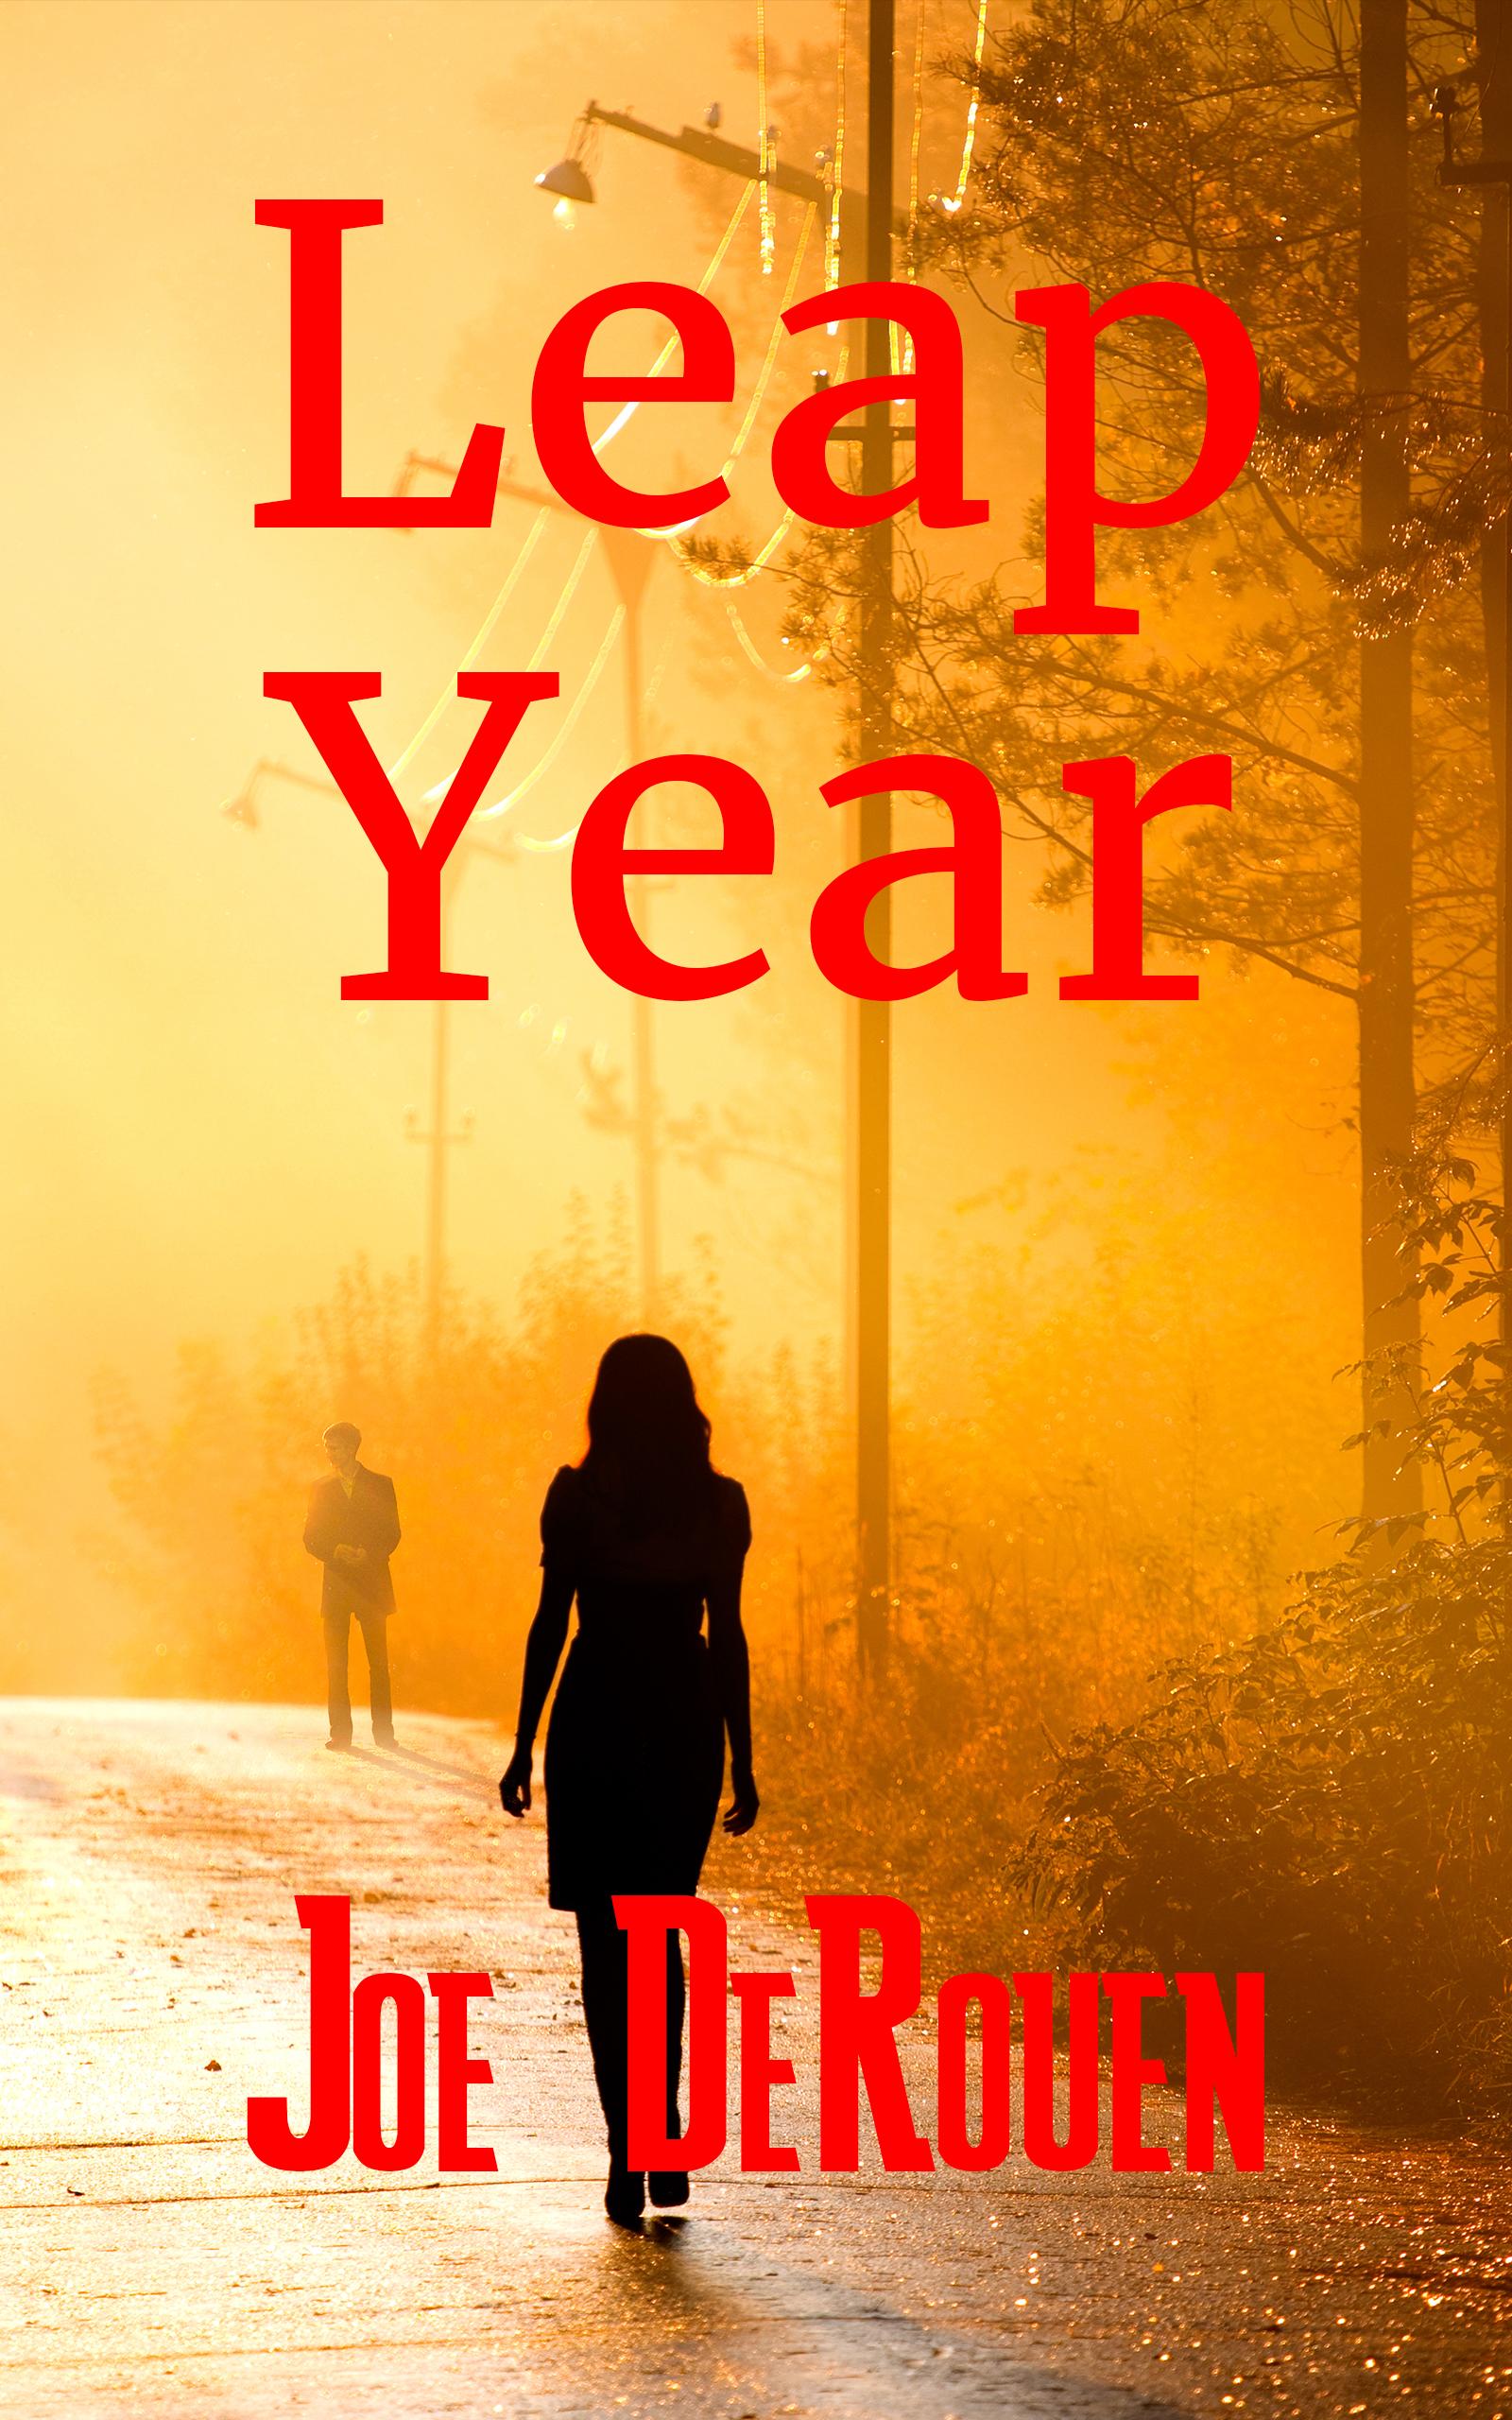 ZLeap Year